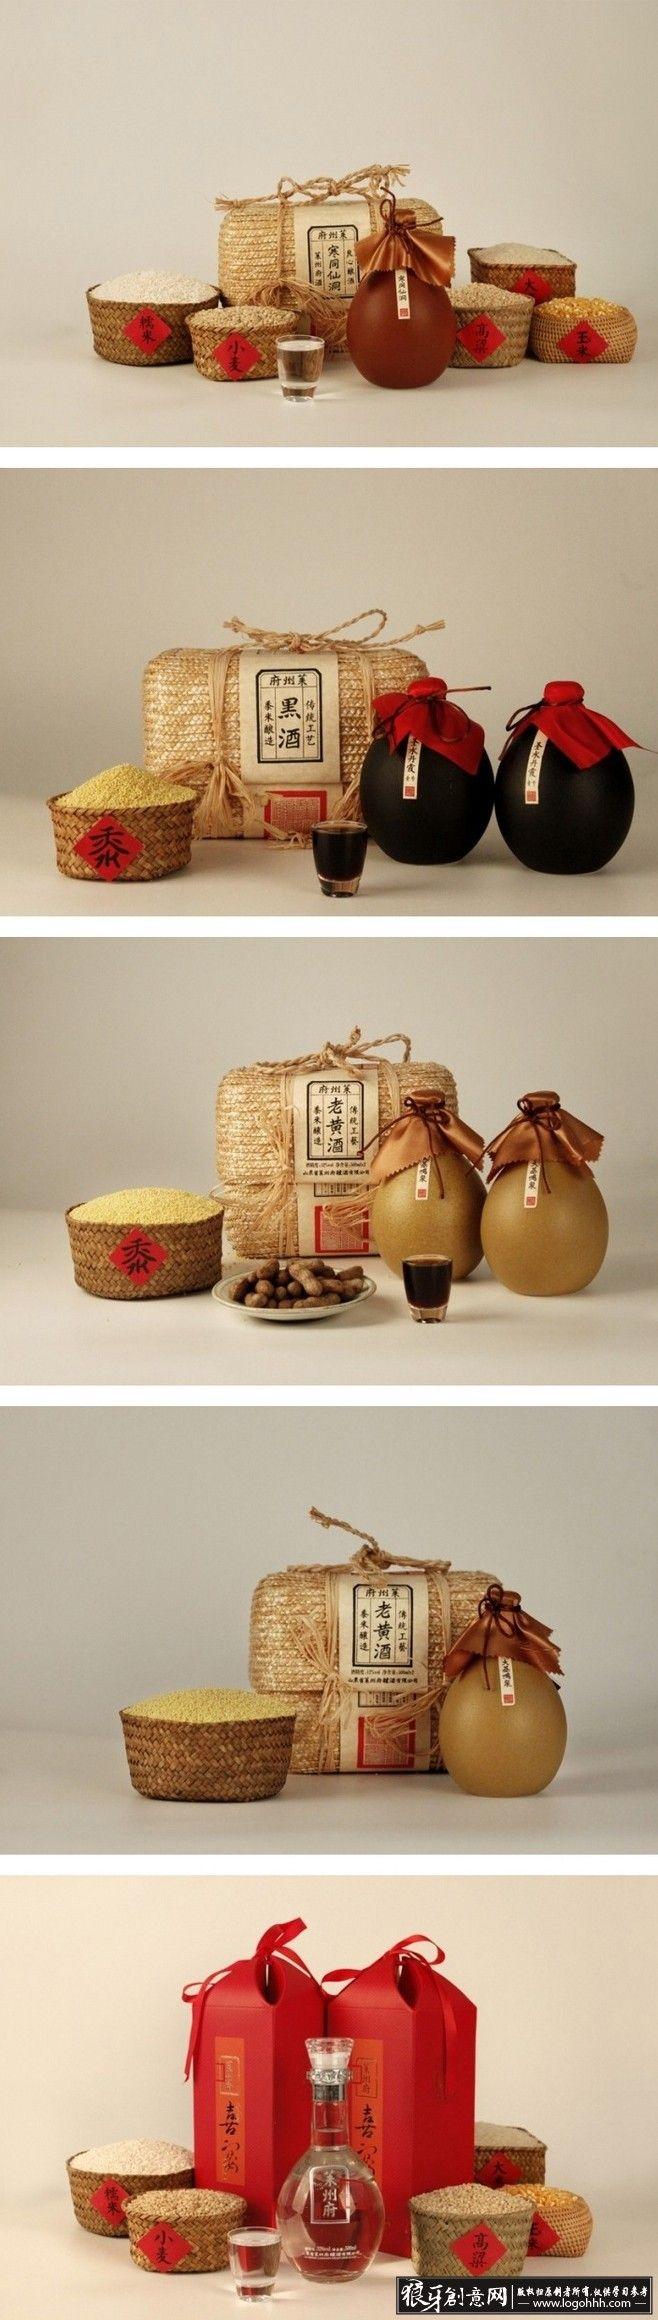 [包装灵感] 莱州府酒品牌产品包装设计 ...